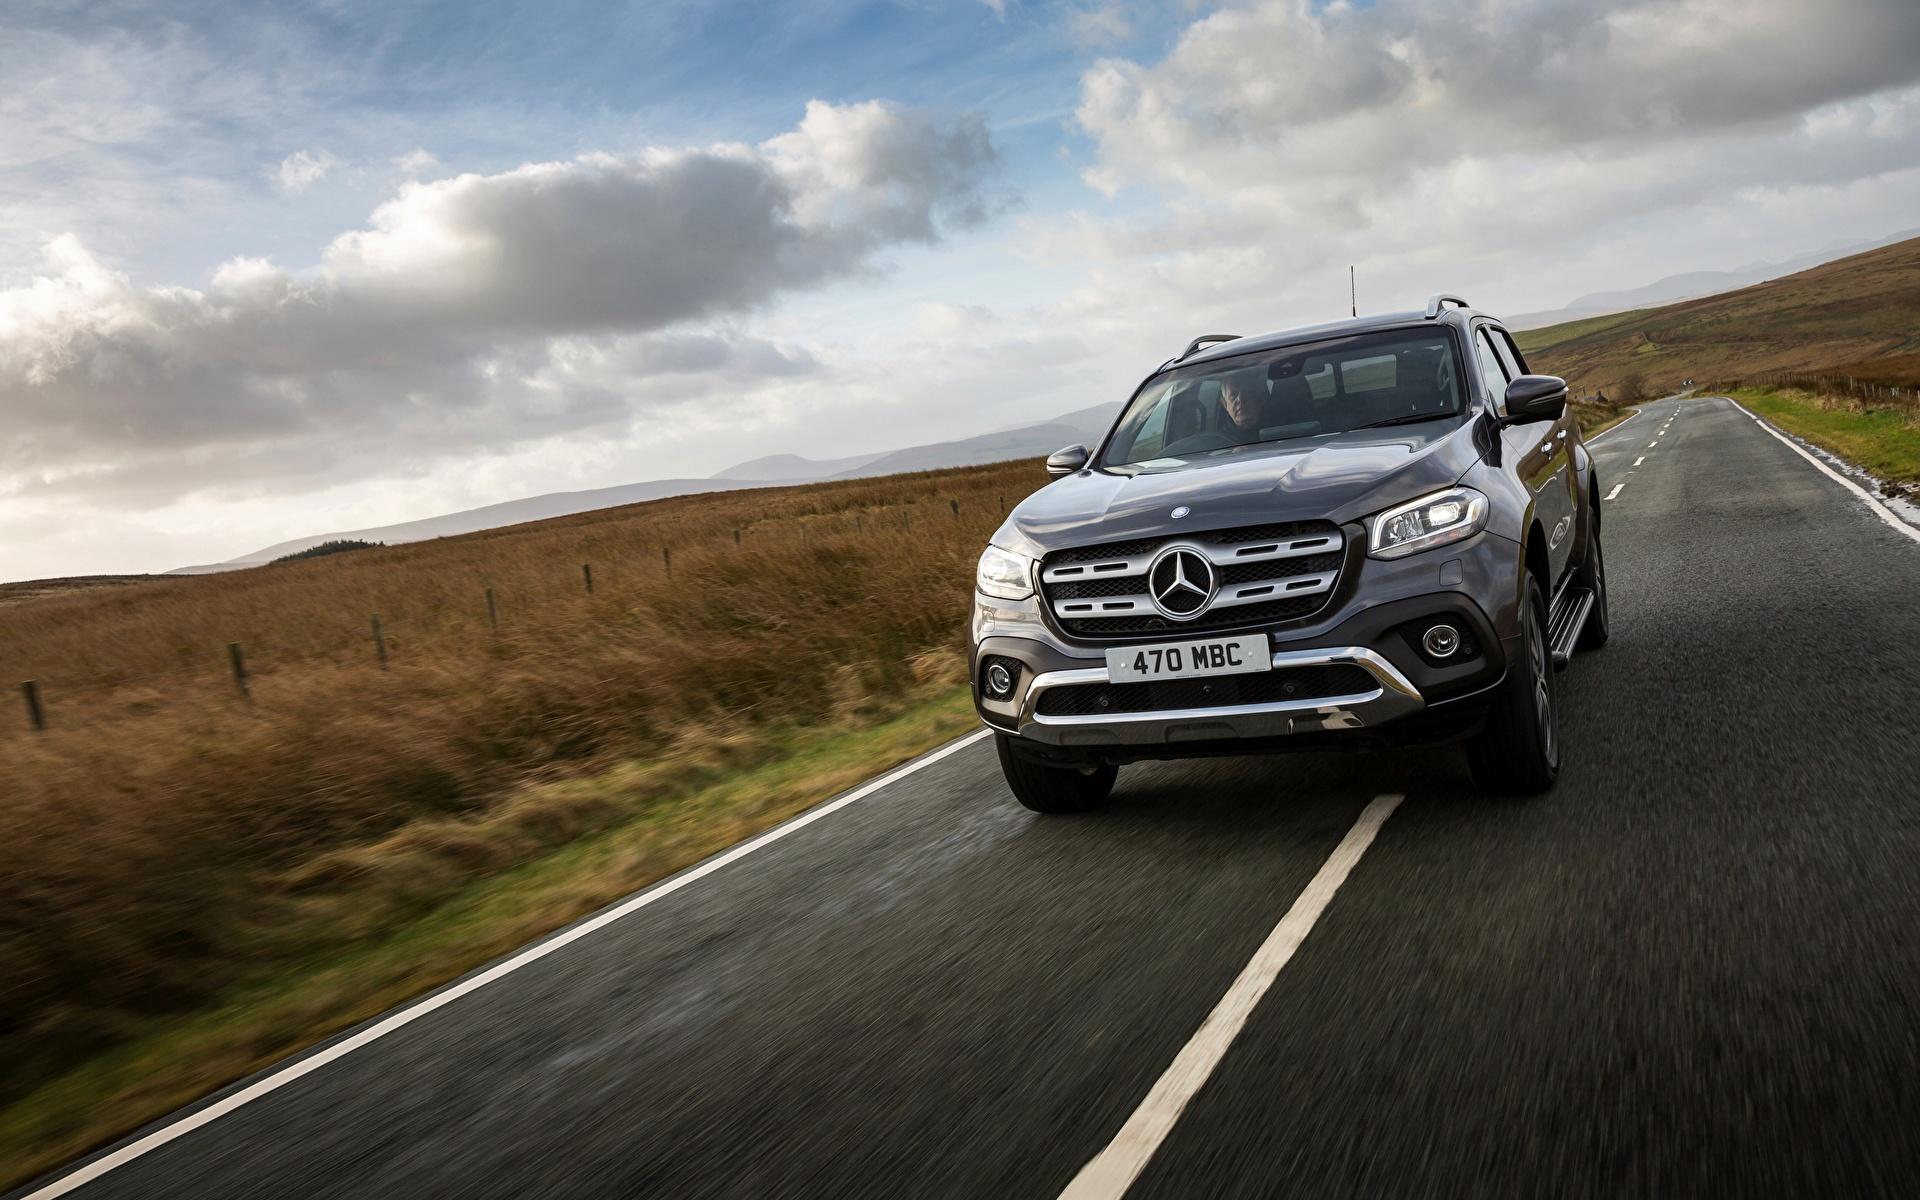 Обои для рабочего стола Mercedes-Benz UK-version 2017 X-Class Пикап кузов скорость авто 1920x1200 Мерседес бенц едет едущий едущая Движение машина машины Автомобили автомобиль